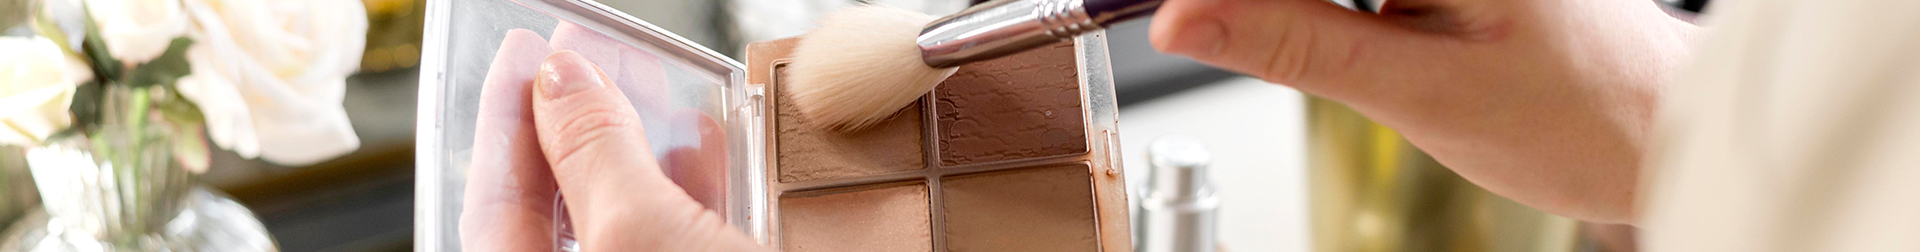 Makeup Products   Buy Face Bronzer Online   AromaCraze